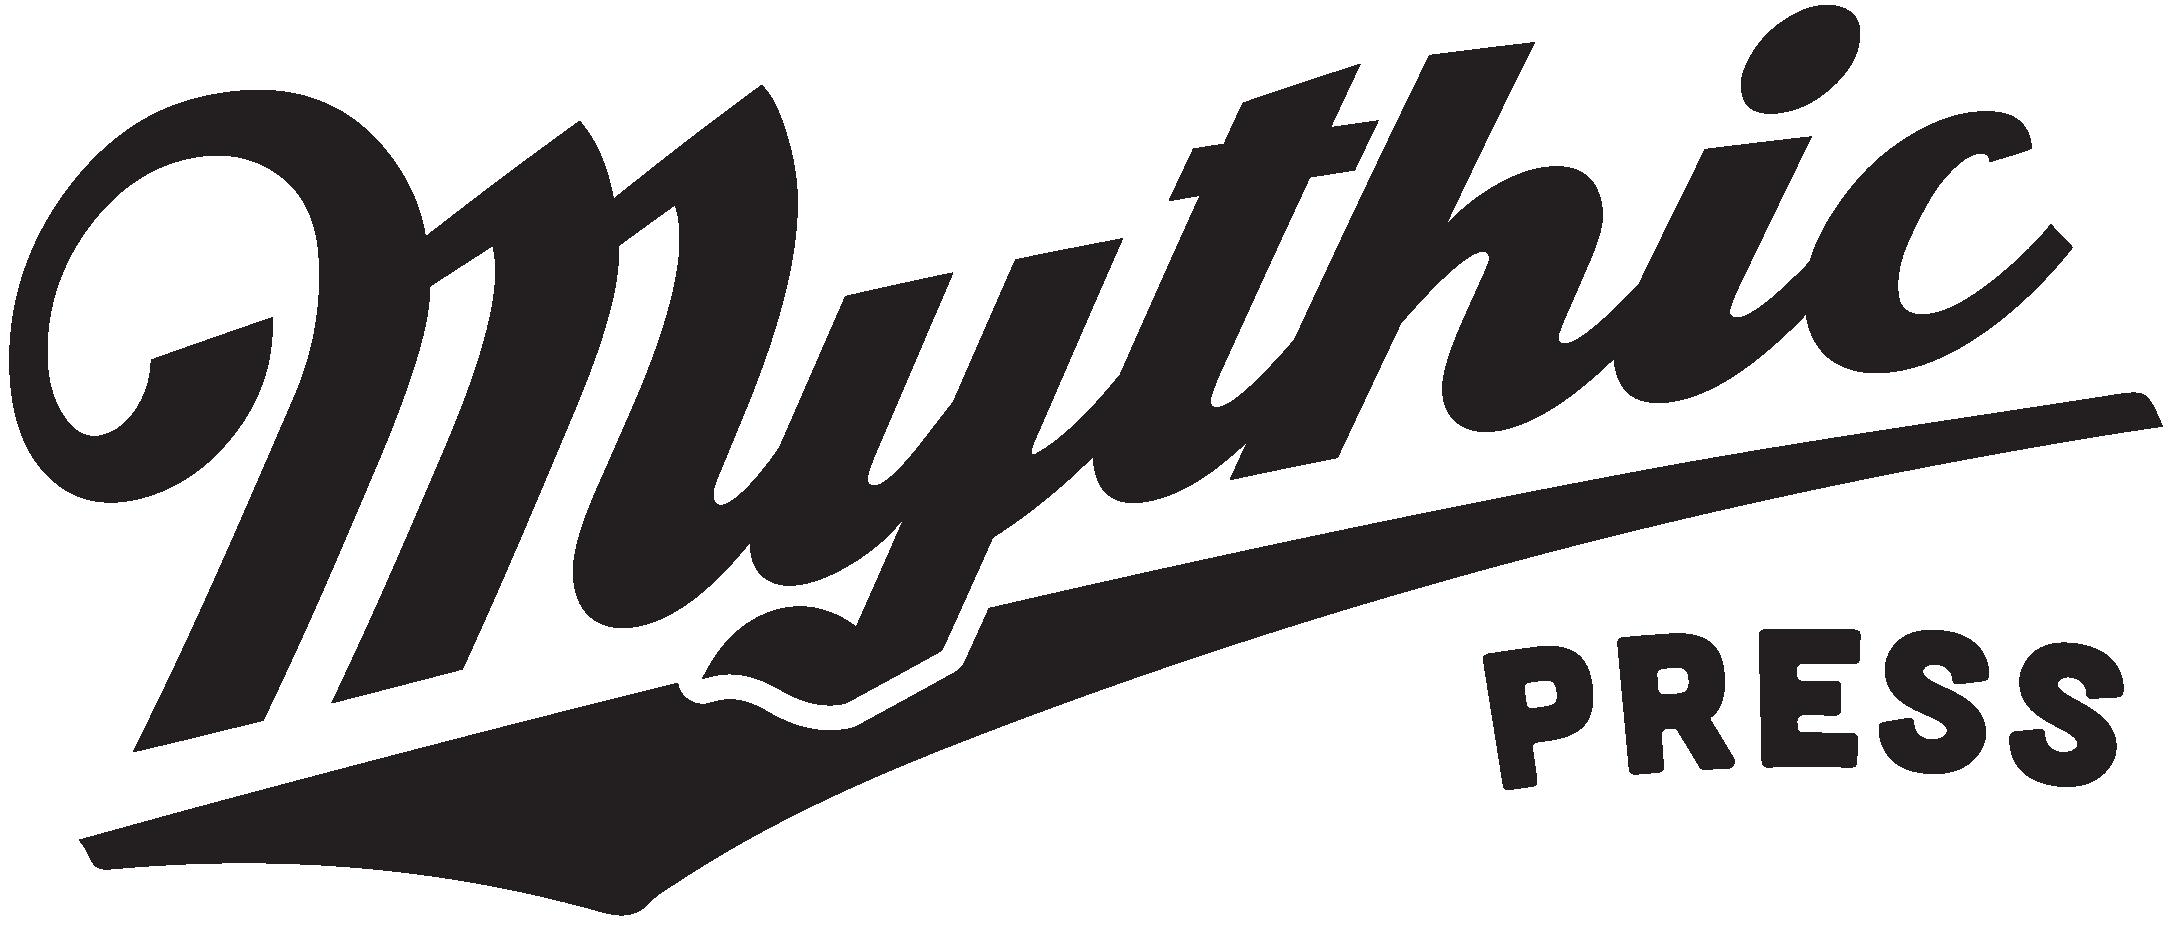 Mythic Press